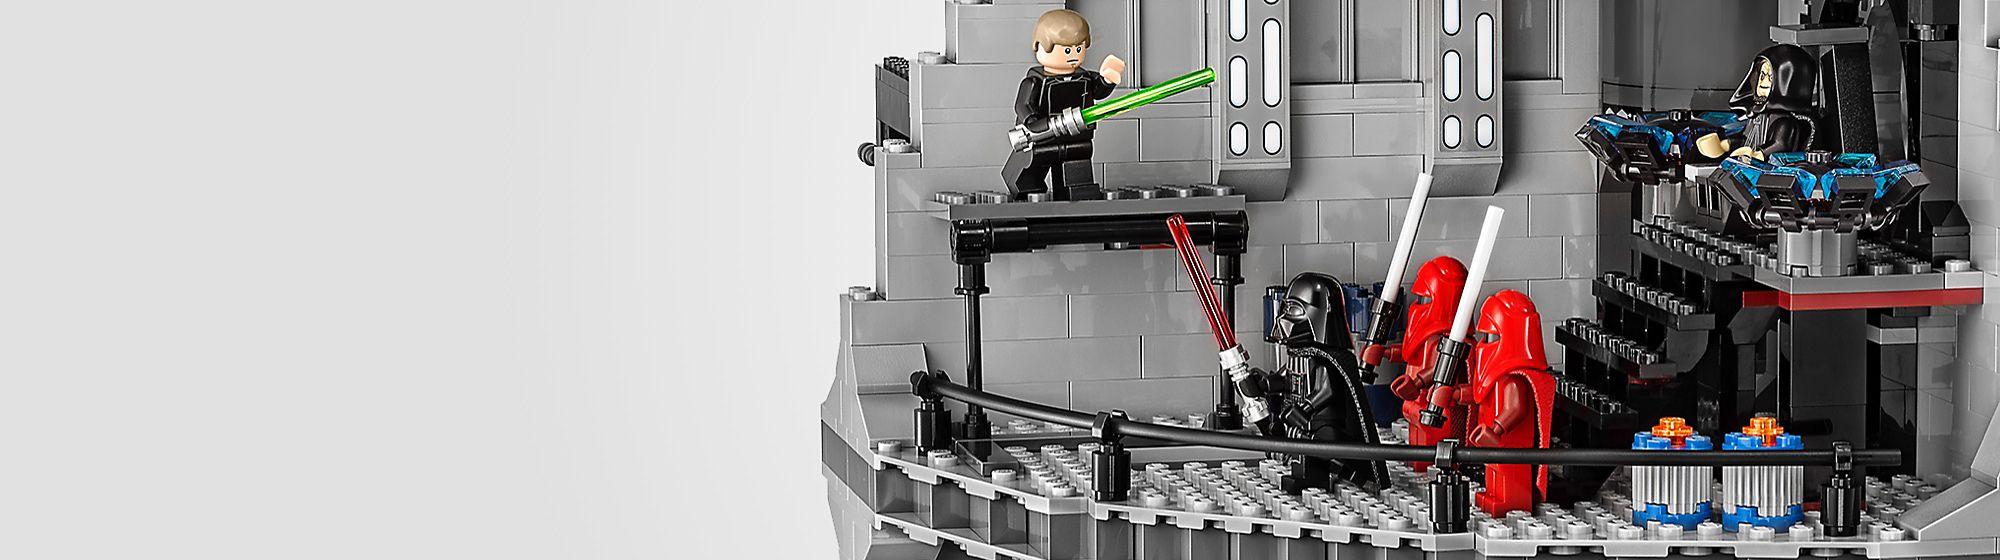 Lego de Star Wars Construye las aventuras de la saga Star Wars con nuestra colección Lego. Las naves y escenarios más impactantes de Jedi, Primera orden y mucho más.